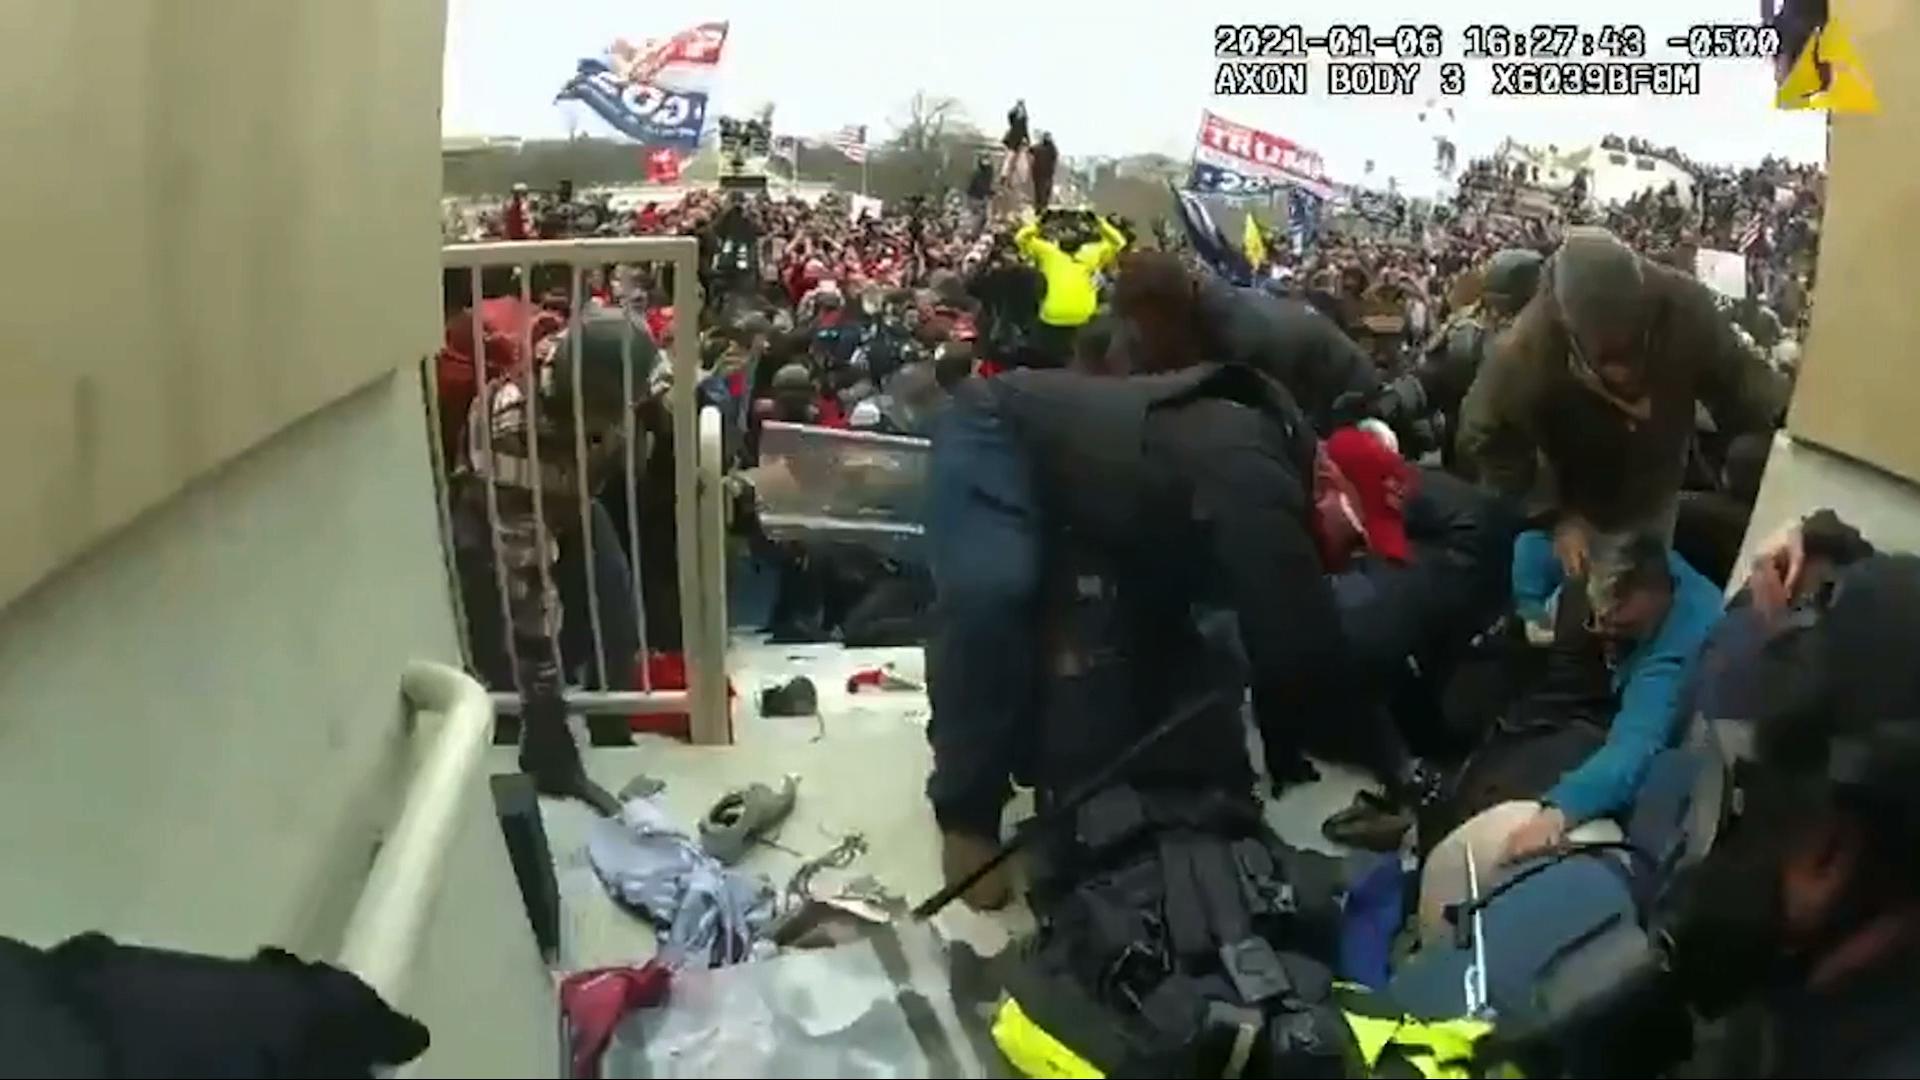 Bộ Tư Pháp công bố video mới cho thấy các cảnh sát bị hành hung khi cố gắng giúp đỡ một người tham giavụbạo loạnngày 1/6